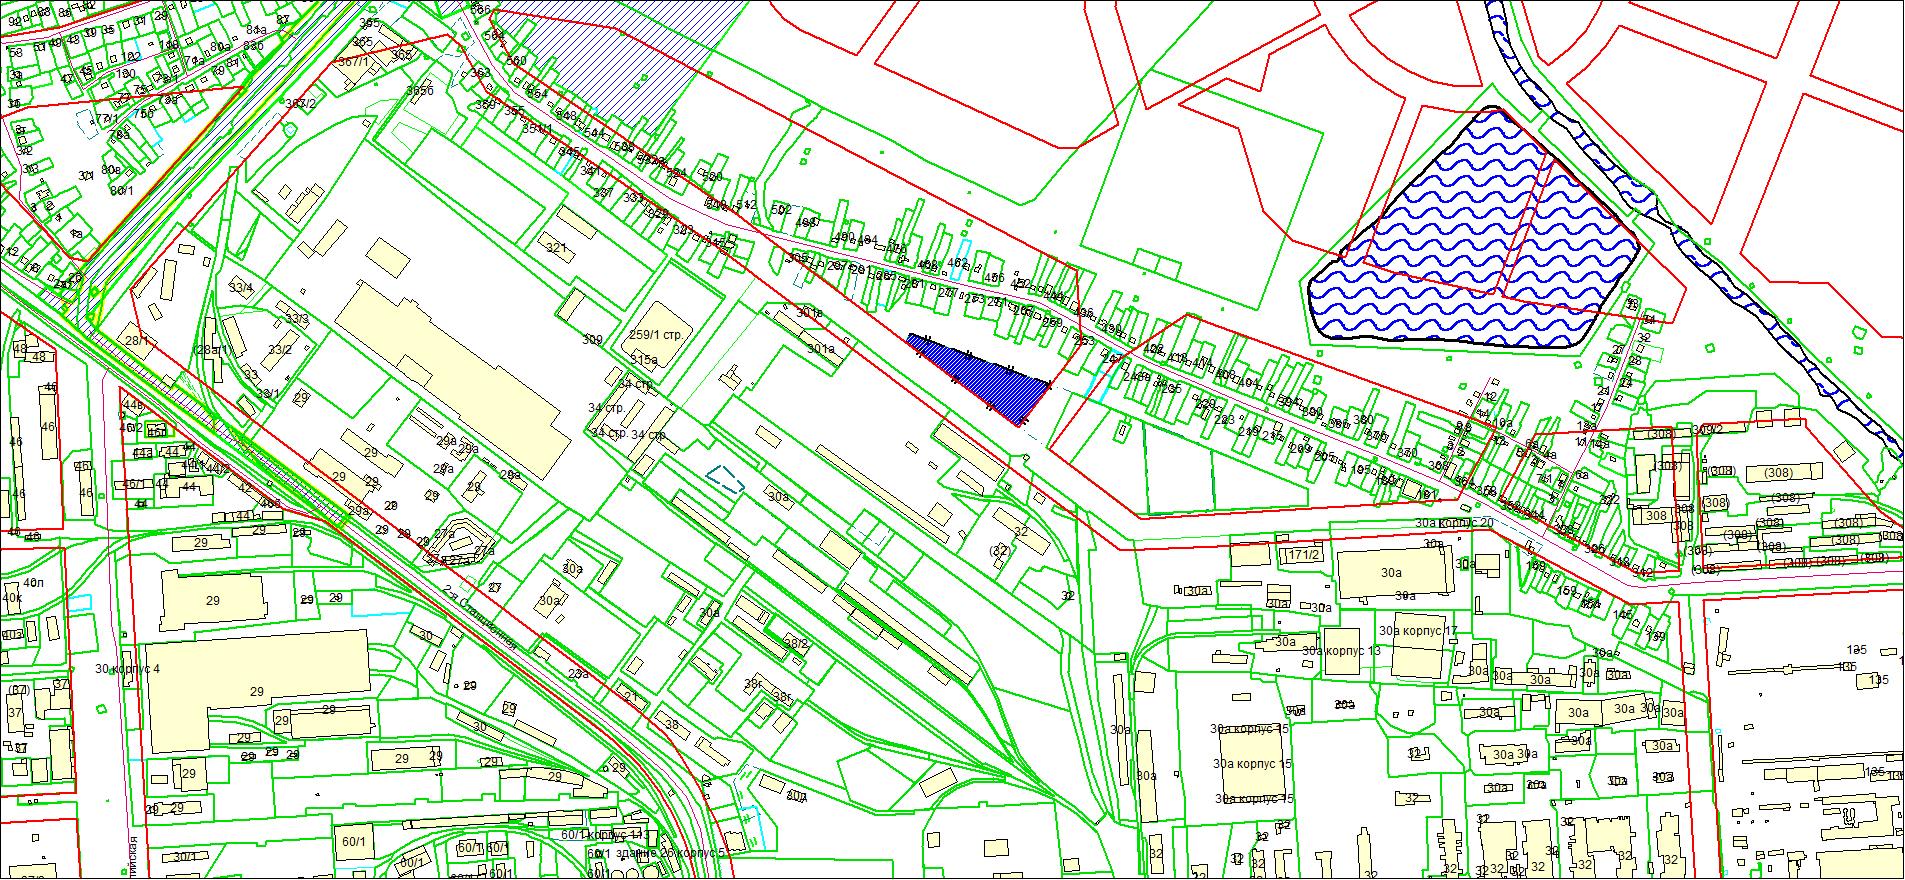 Схема расположения земельного участка площадью 11224 кв. м по адресу: ул. Большая, Ленинский район